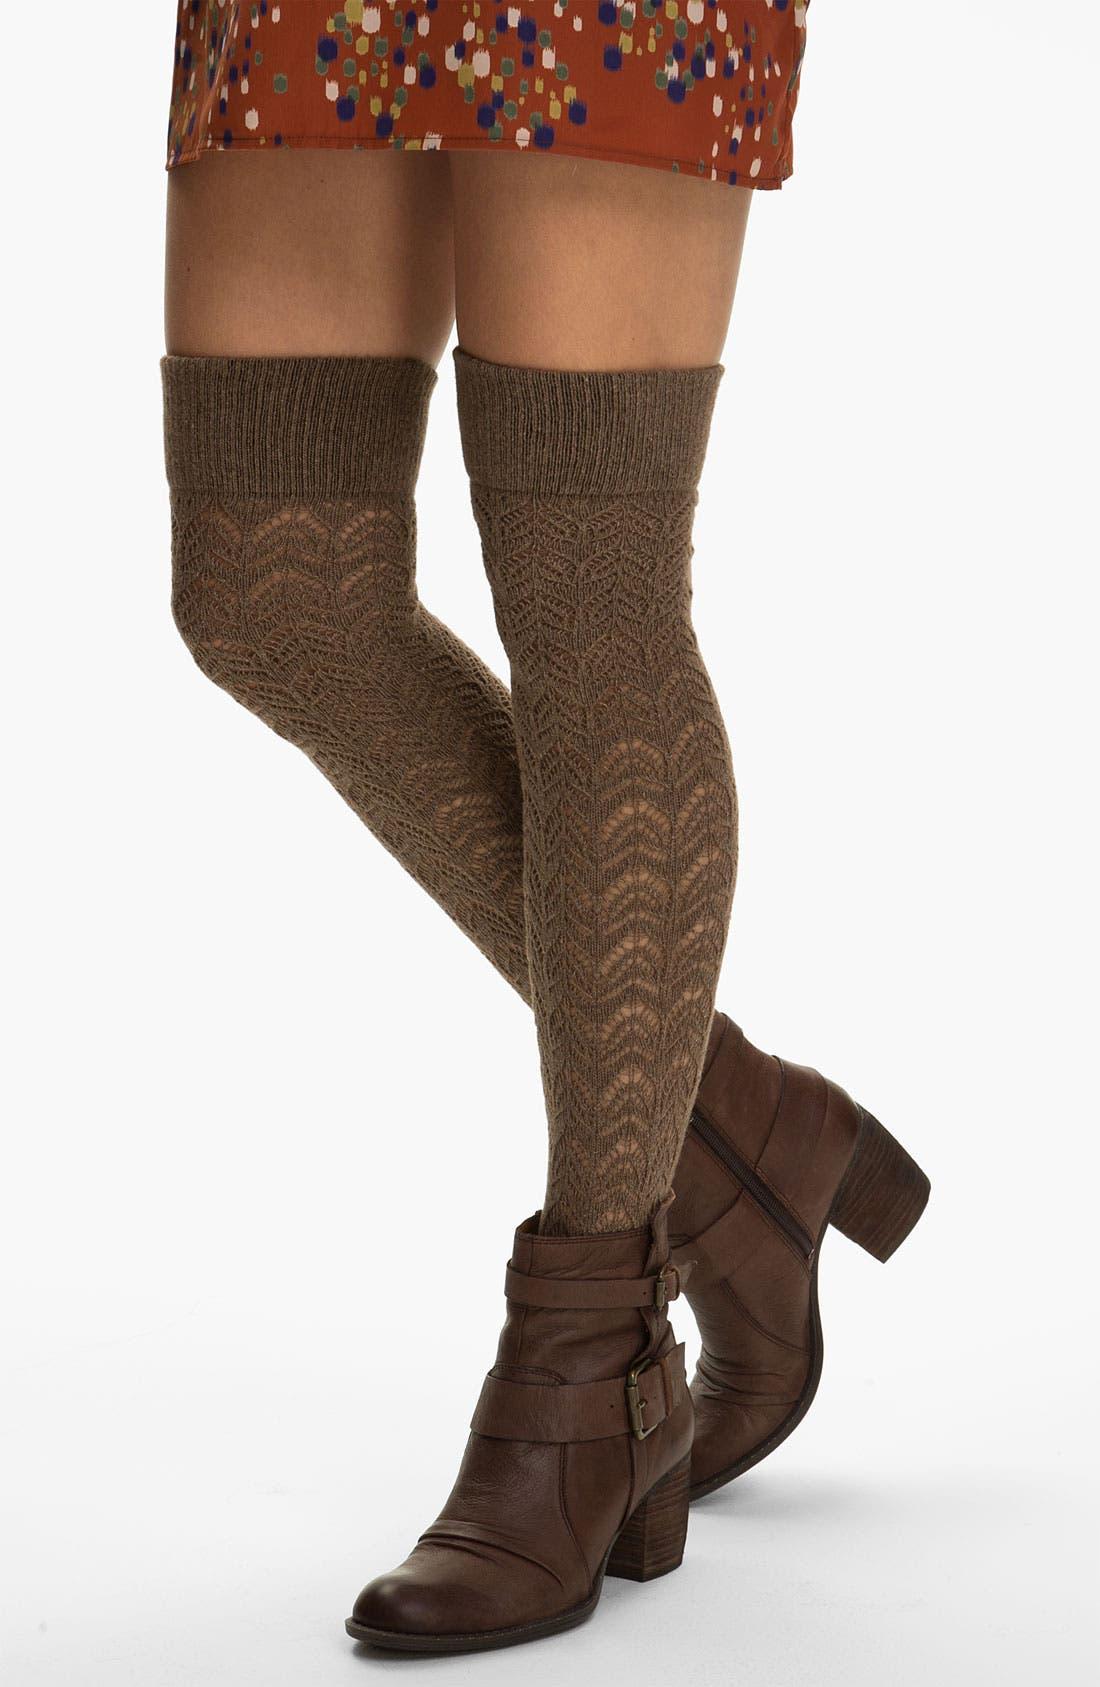 Main Image - Oroblu 'Calzerotto Fanette' Over the Knee Socks